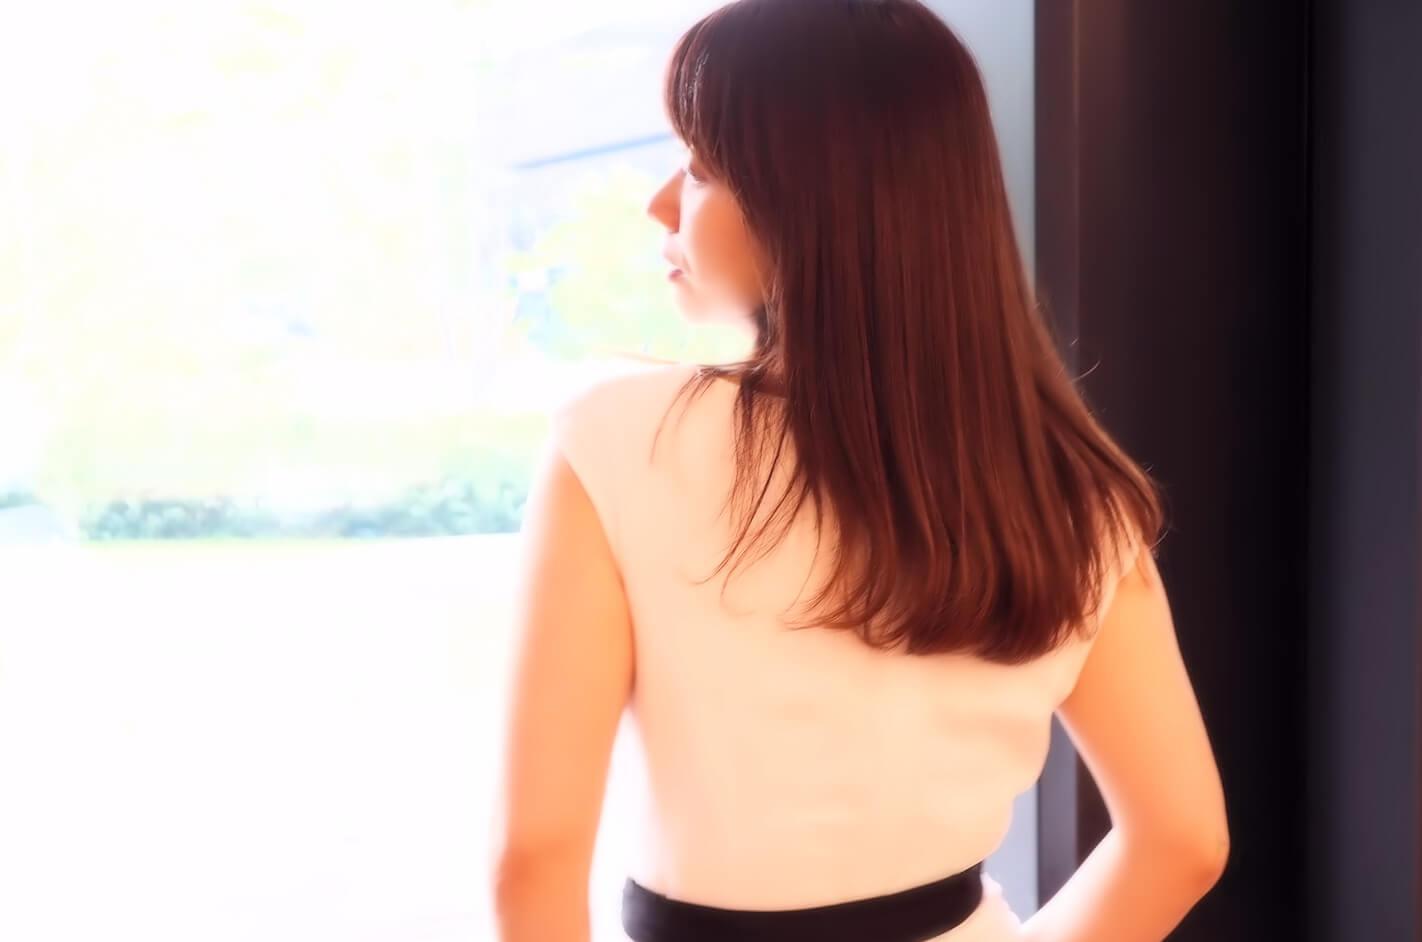 ビジネスカジュアルな美しい女性の後ろ姿